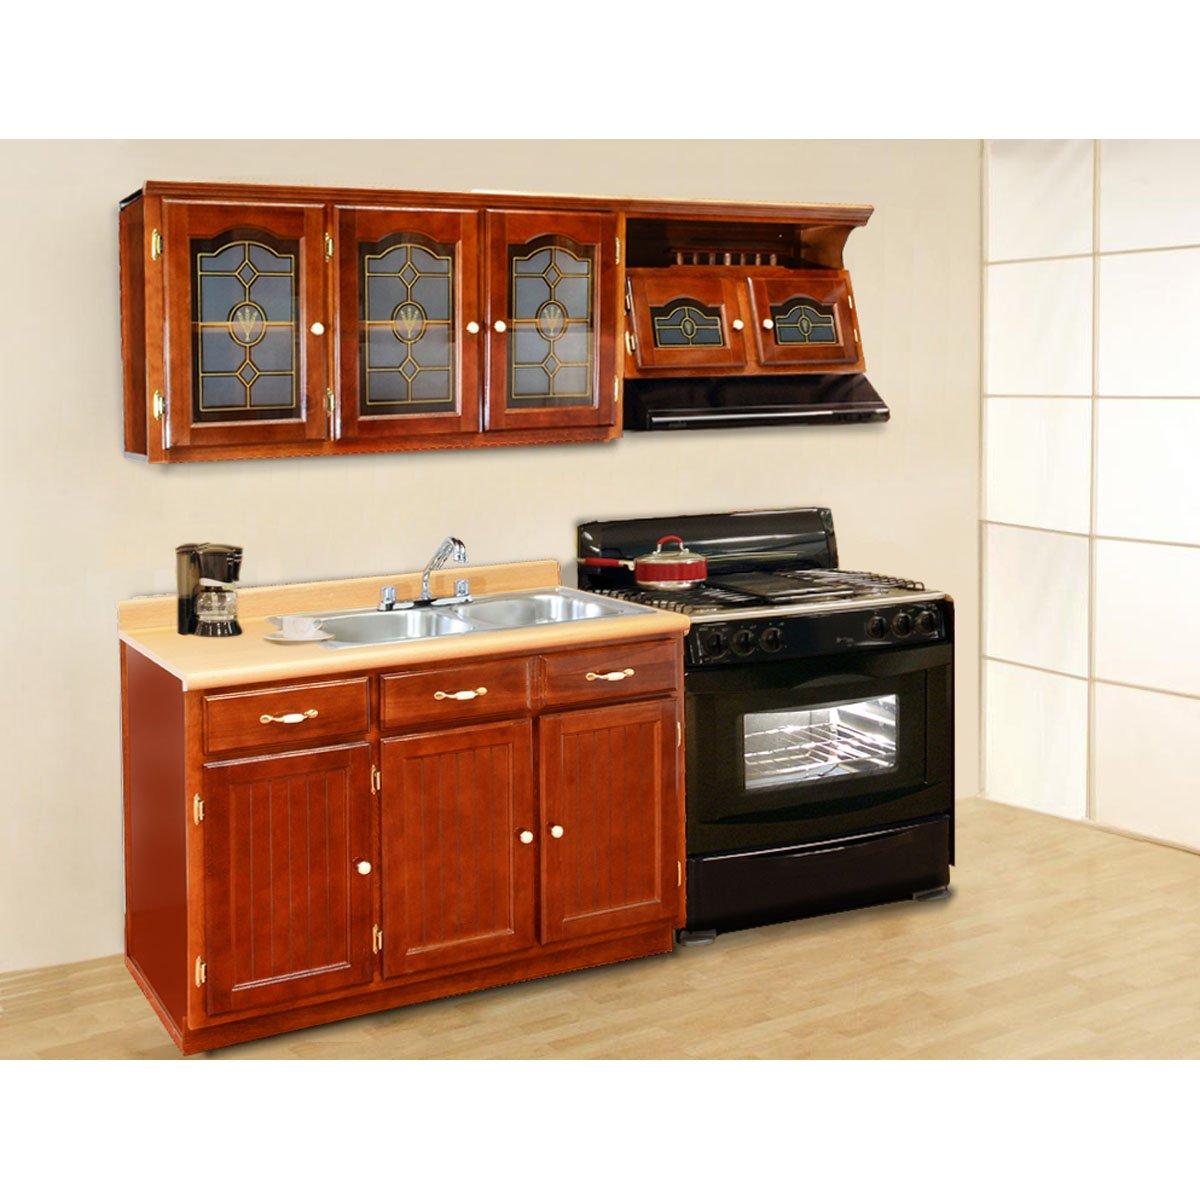 Cocina valencia 200 sears com mx me entiende - Curso cocina valencia ...